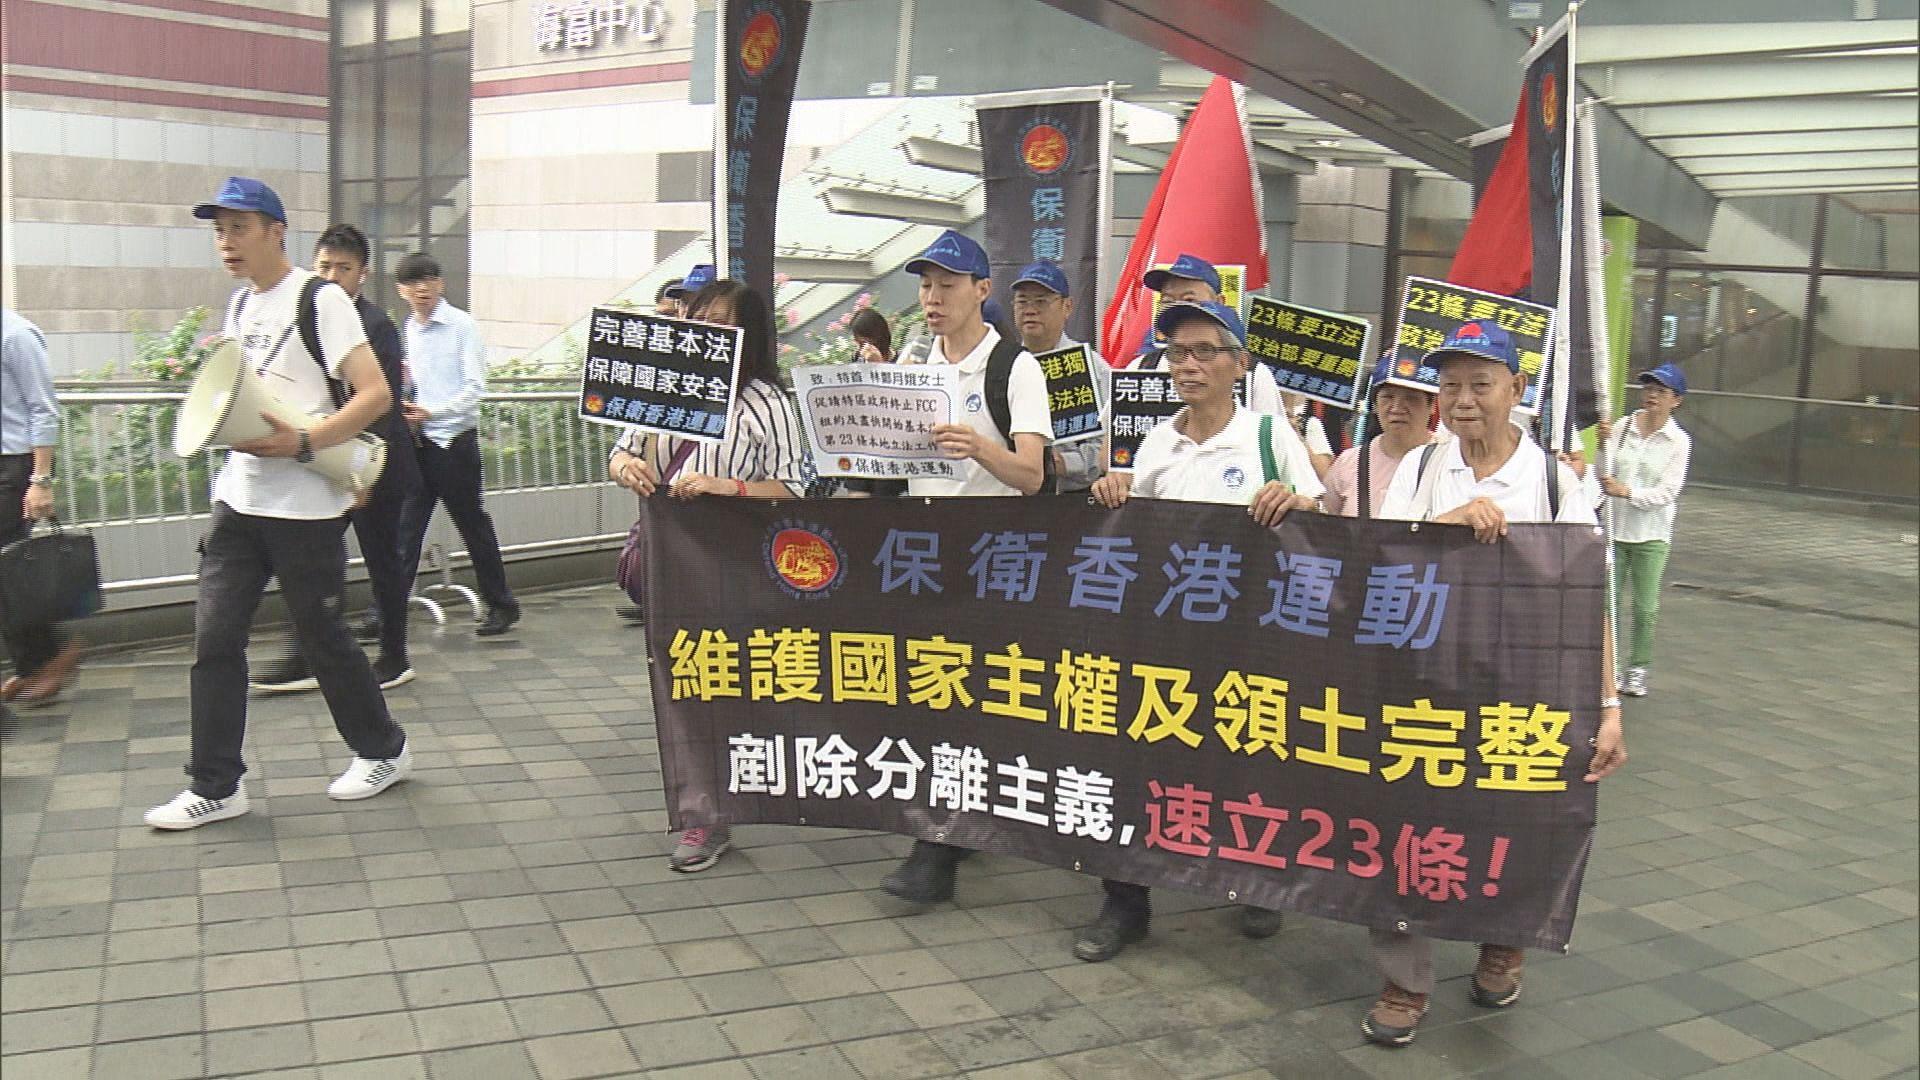 有團體抗議外國記者會邀請陳浩天演講